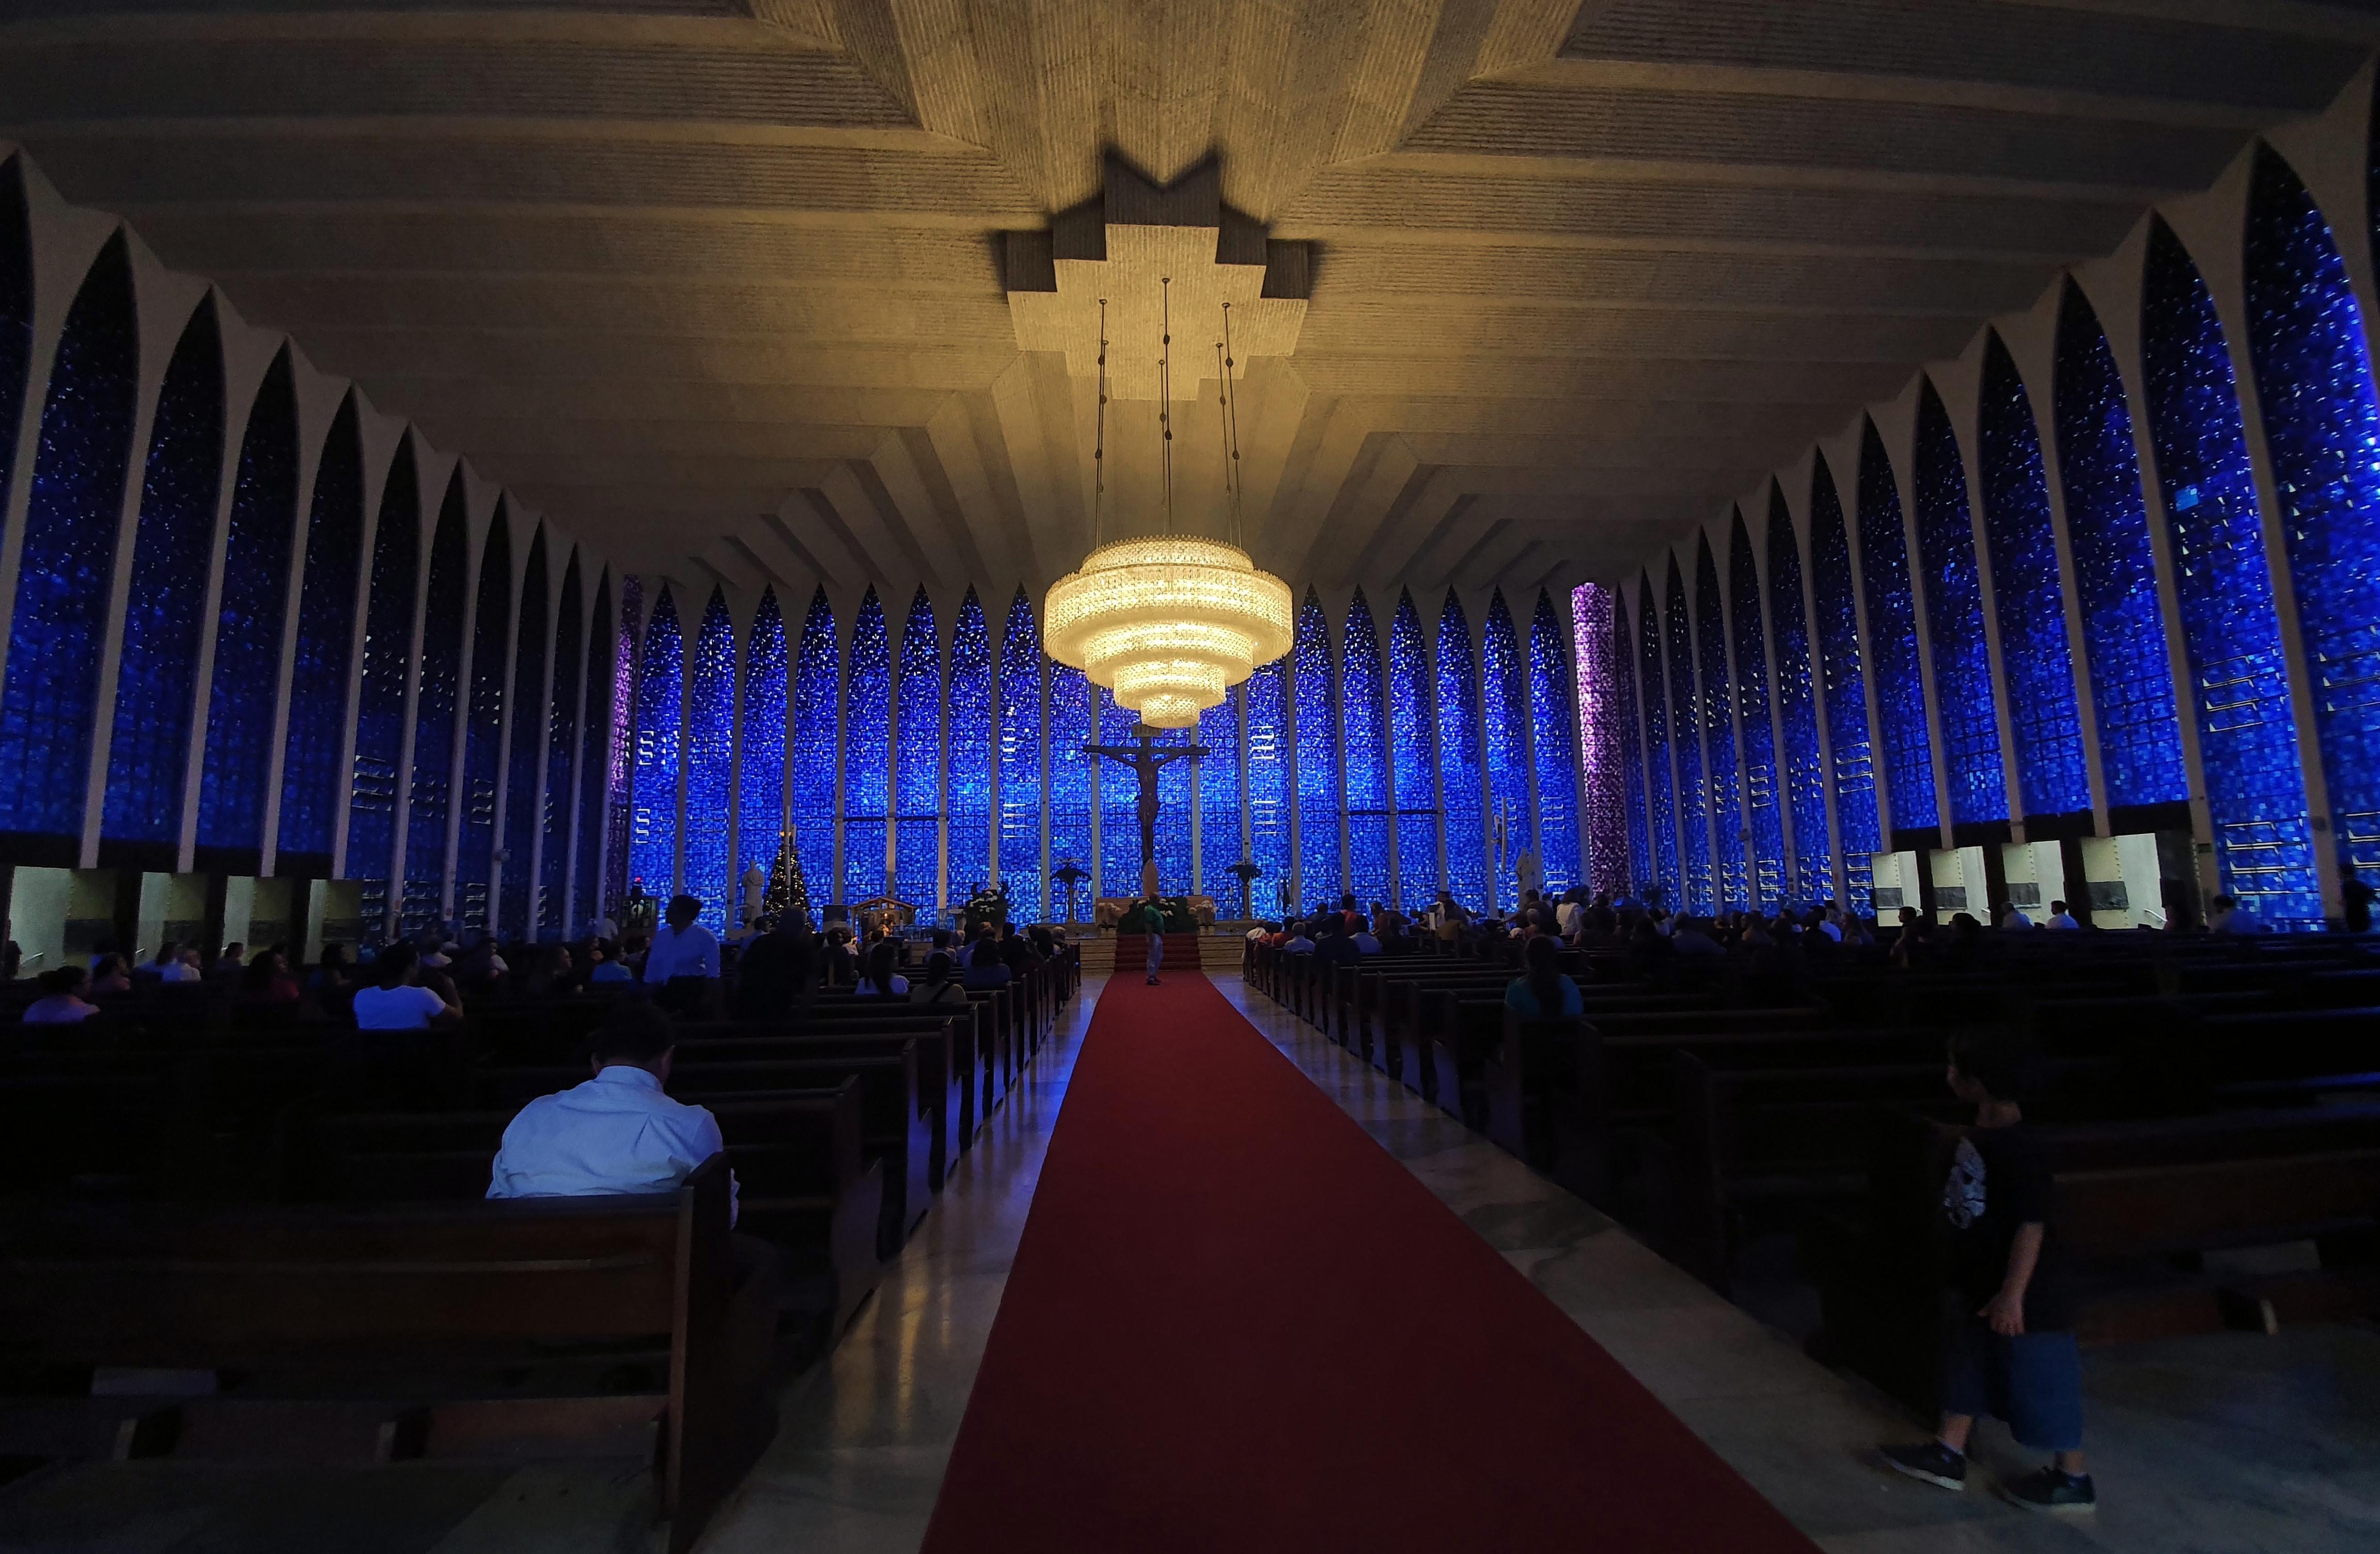 Aniversário de 50 anos do Santuário Dom Bosco tem tour virtual para visitar igreja, em Brasília